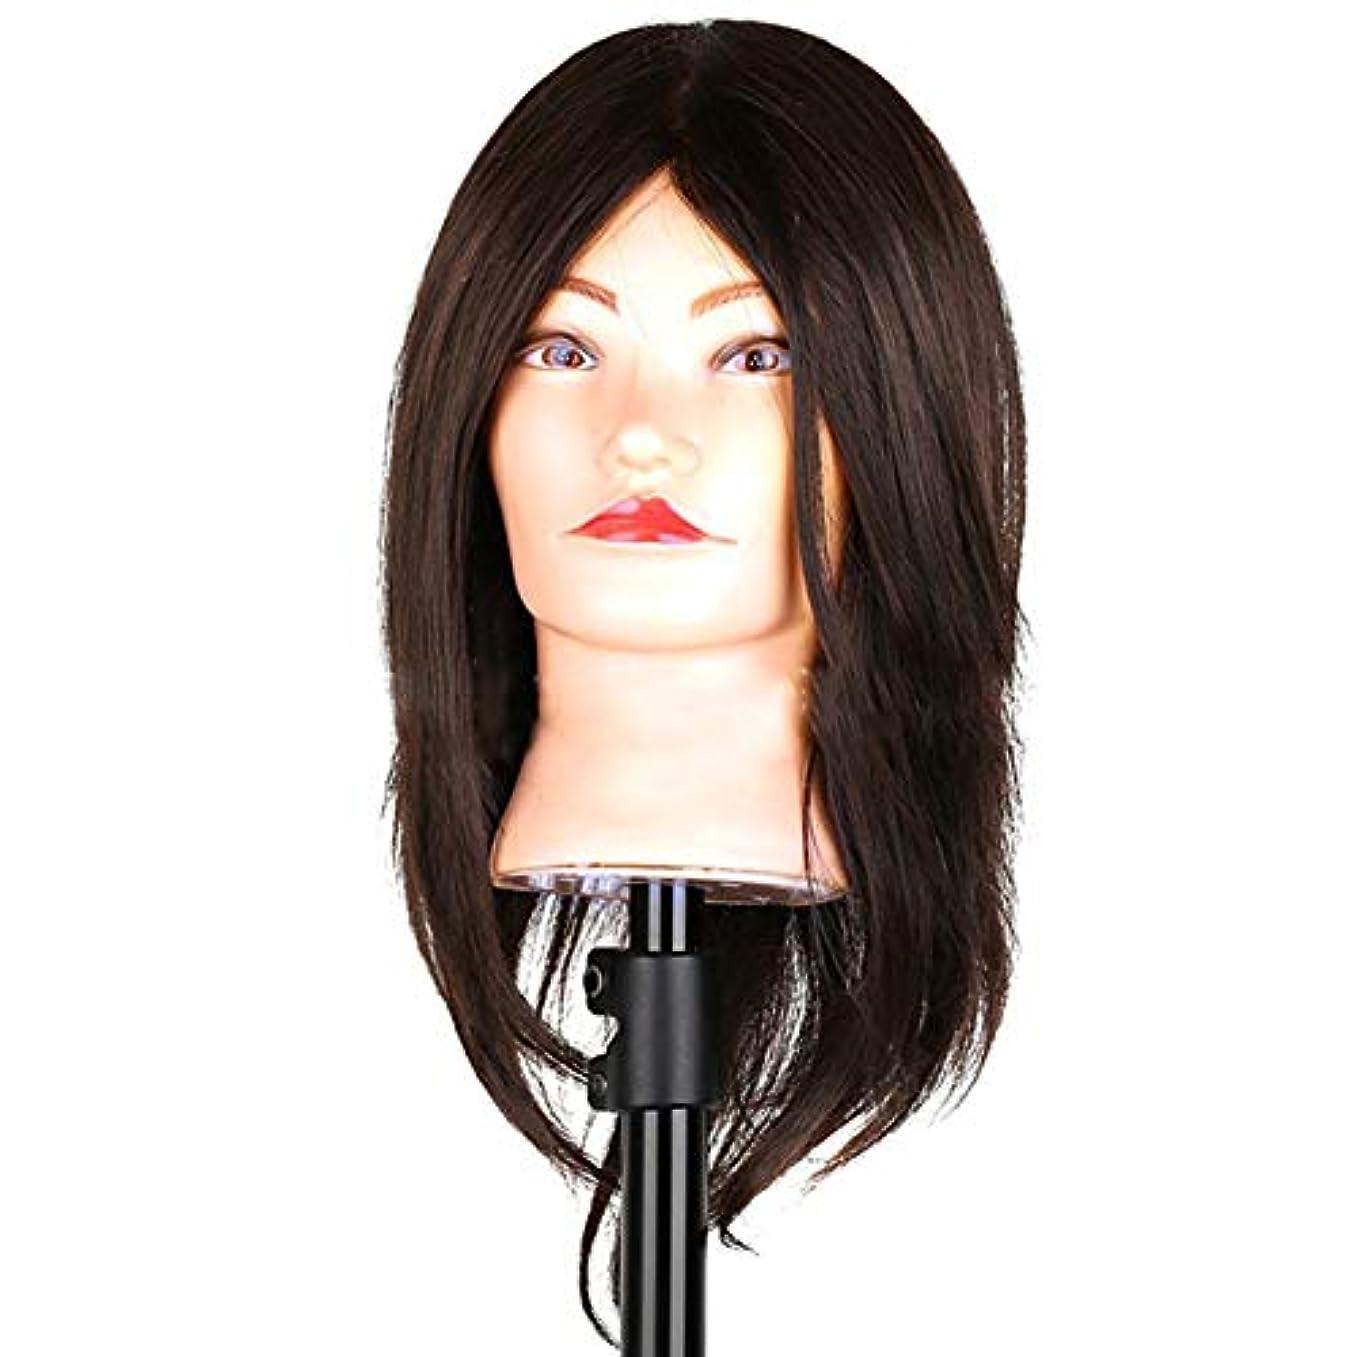 ましいスカルクレギュラーヘアマネキンヘッド練習ディスク髪編組ヘッドモデル理髪店学校教育かつらヘッドバンドブラケット